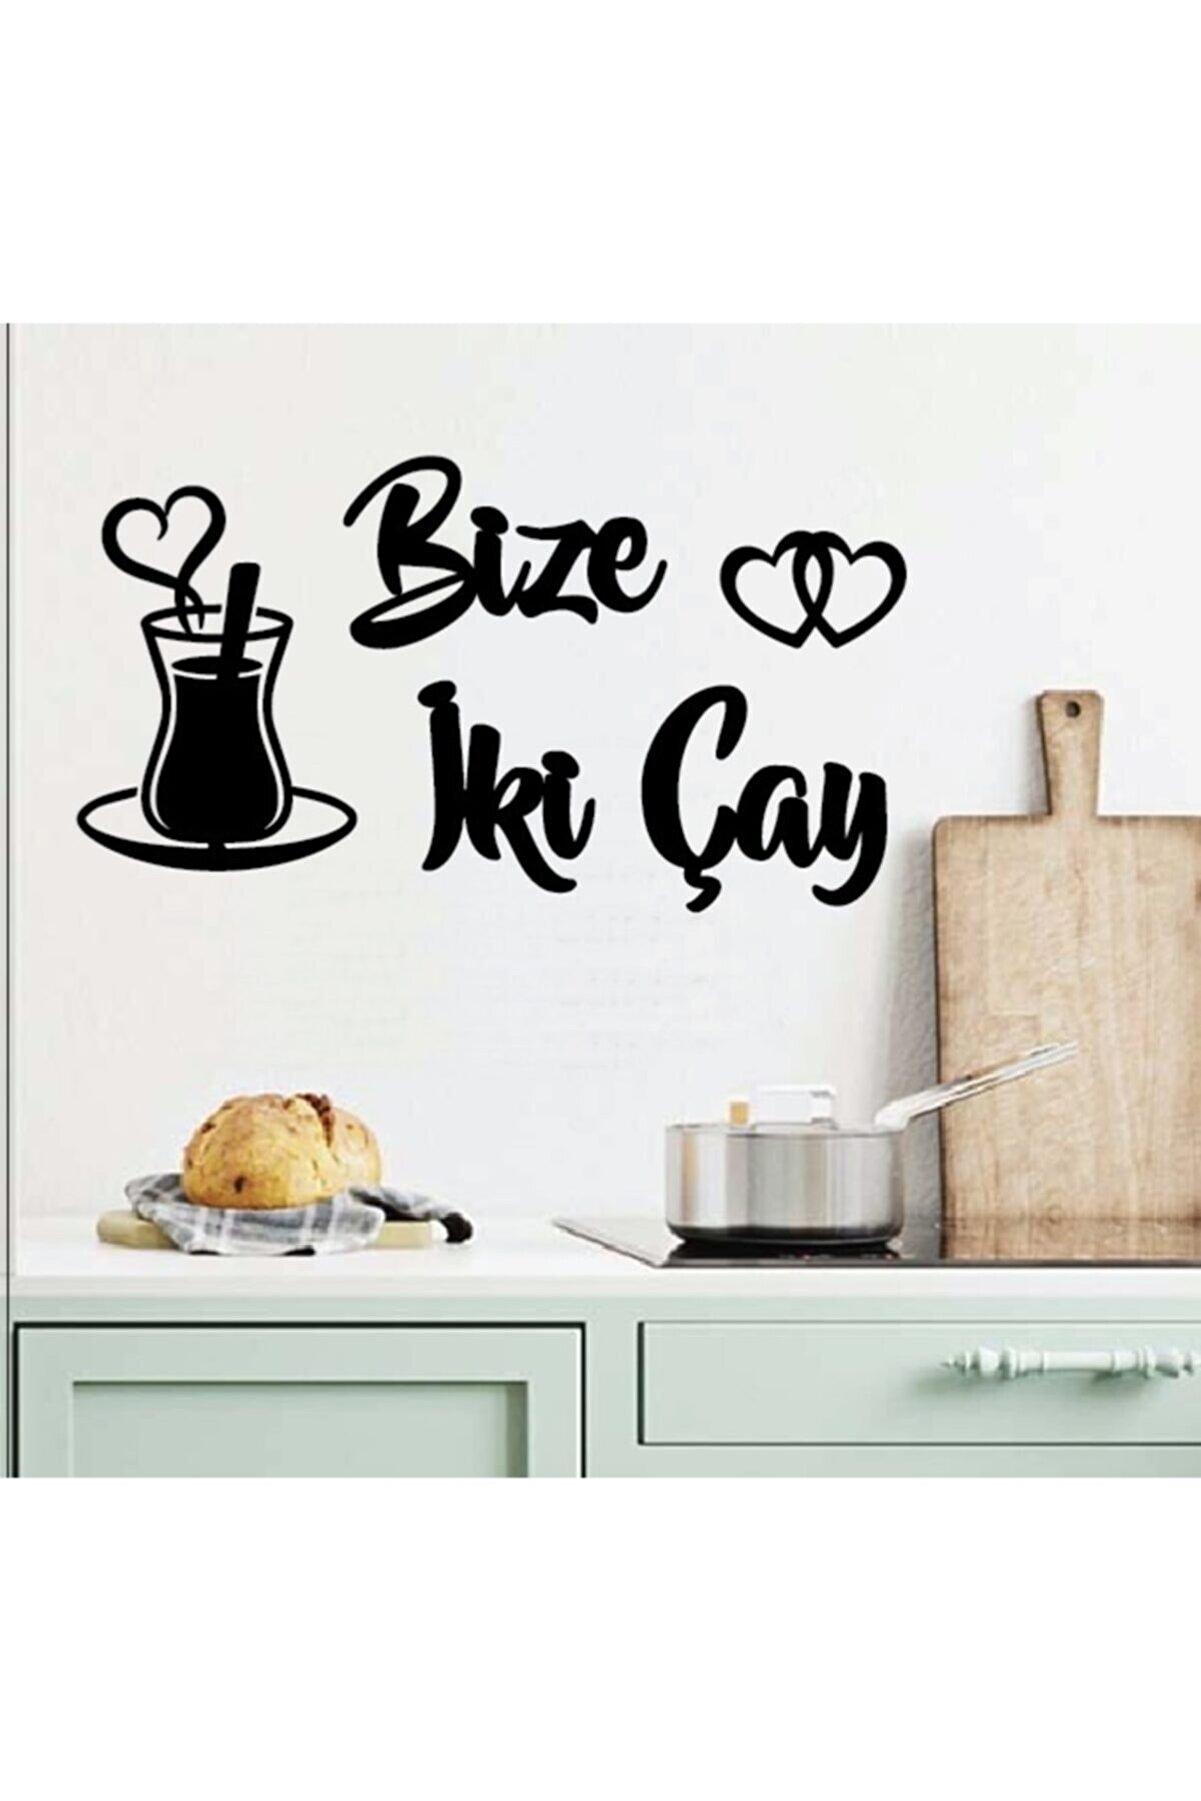 Miana Lazer Bize Iki Çay 25x15cm Duvar Yazısı Çay Mutfak Süsü Yapışkanlı Motto Mutfak Dekoru Hediyelik Süsler